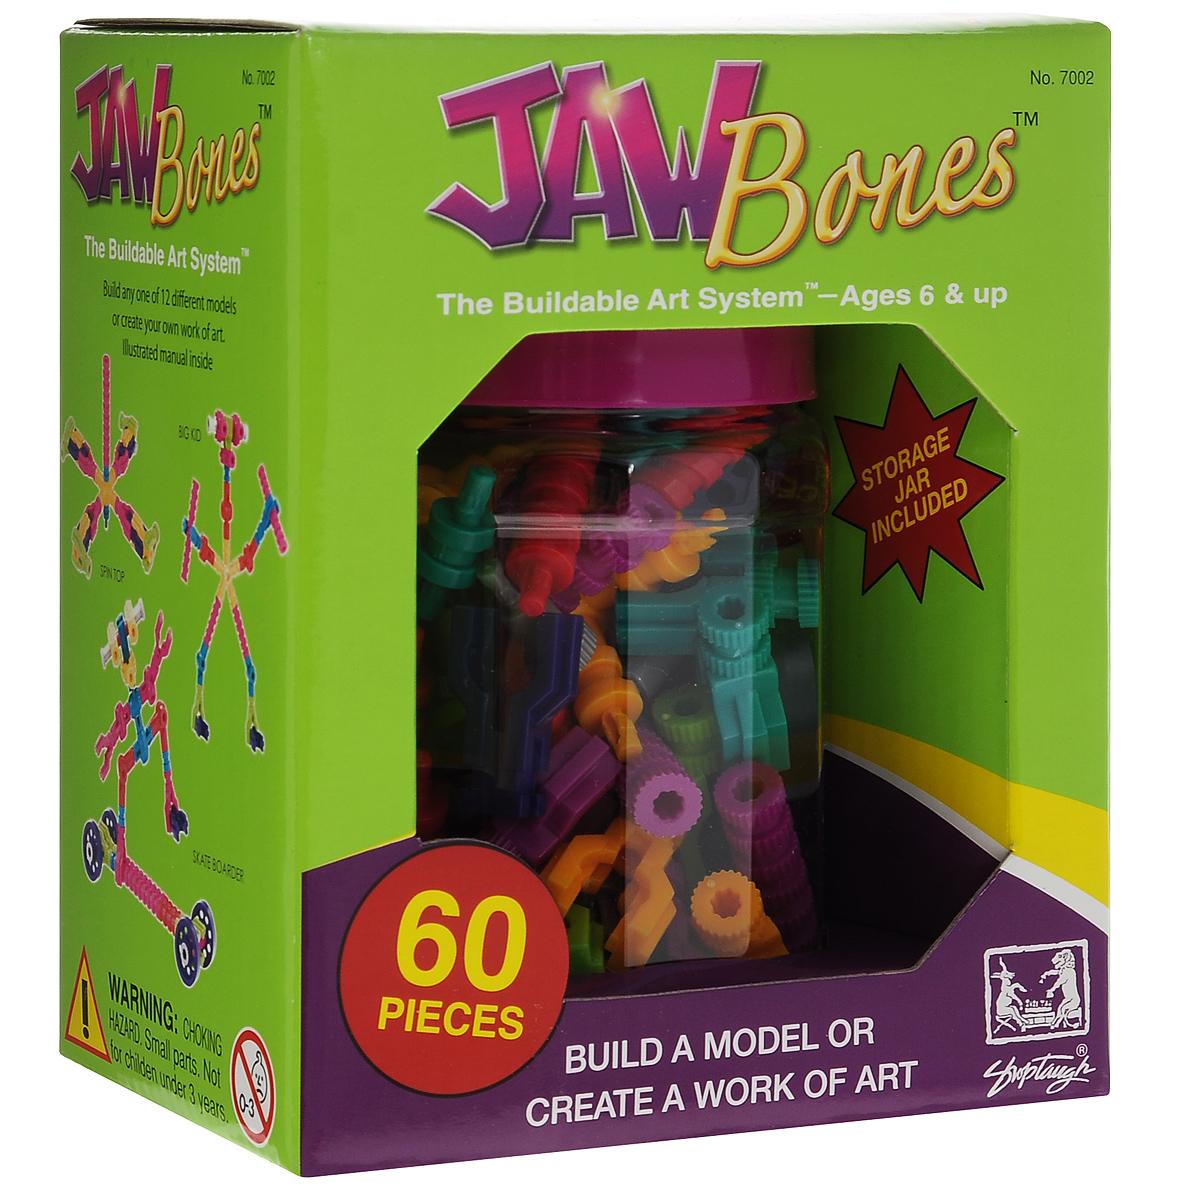 Jawbones Конструктор 70027002Новый развивающий конструктор Jawbones непременно понравится вашему ребенку! При помощи красочных деталей, с уникальным креплением, можно собрать практически любую конструкцию или предмет в оригинальном и неповторимом стиле. Конструктор состоит из 60 элементов разного размера, цвета и назначения. В комплекте удобная банка для хранения деталей, и инструкция по сборке различных моделей. Ваш ребенок с удовольствием будет играть с конструктором, придумывая различные истории.